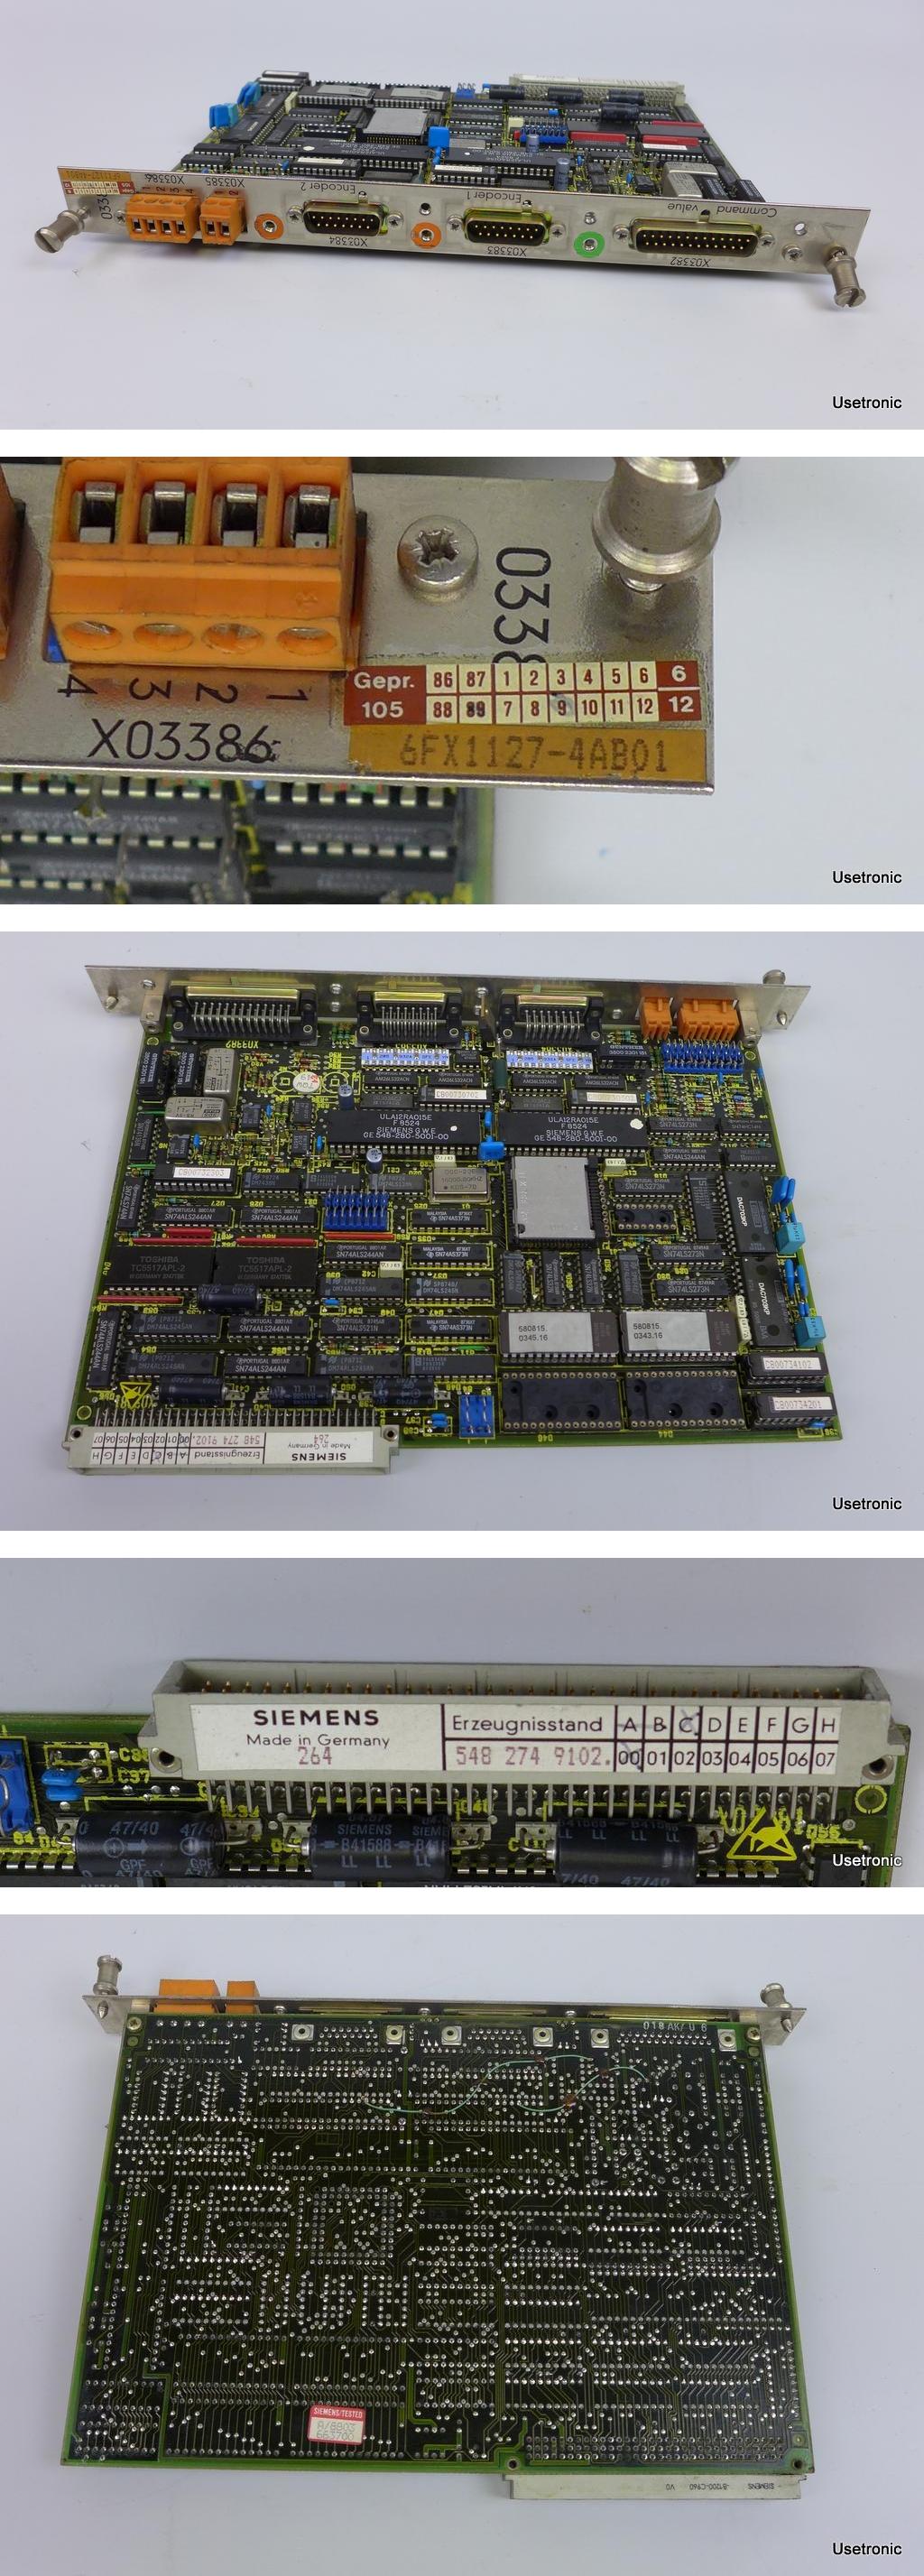 Siemens 6FX1127-4AB01